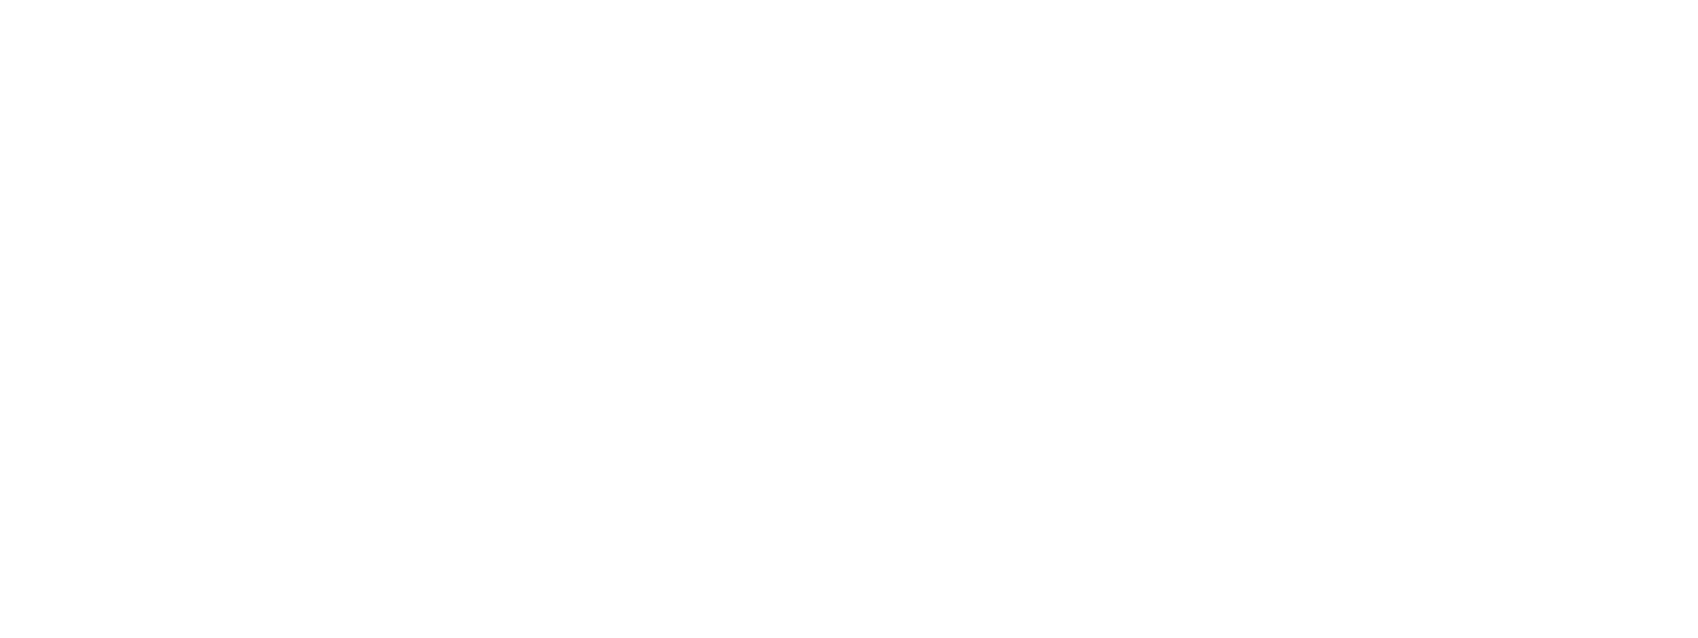 Cosmital Designs